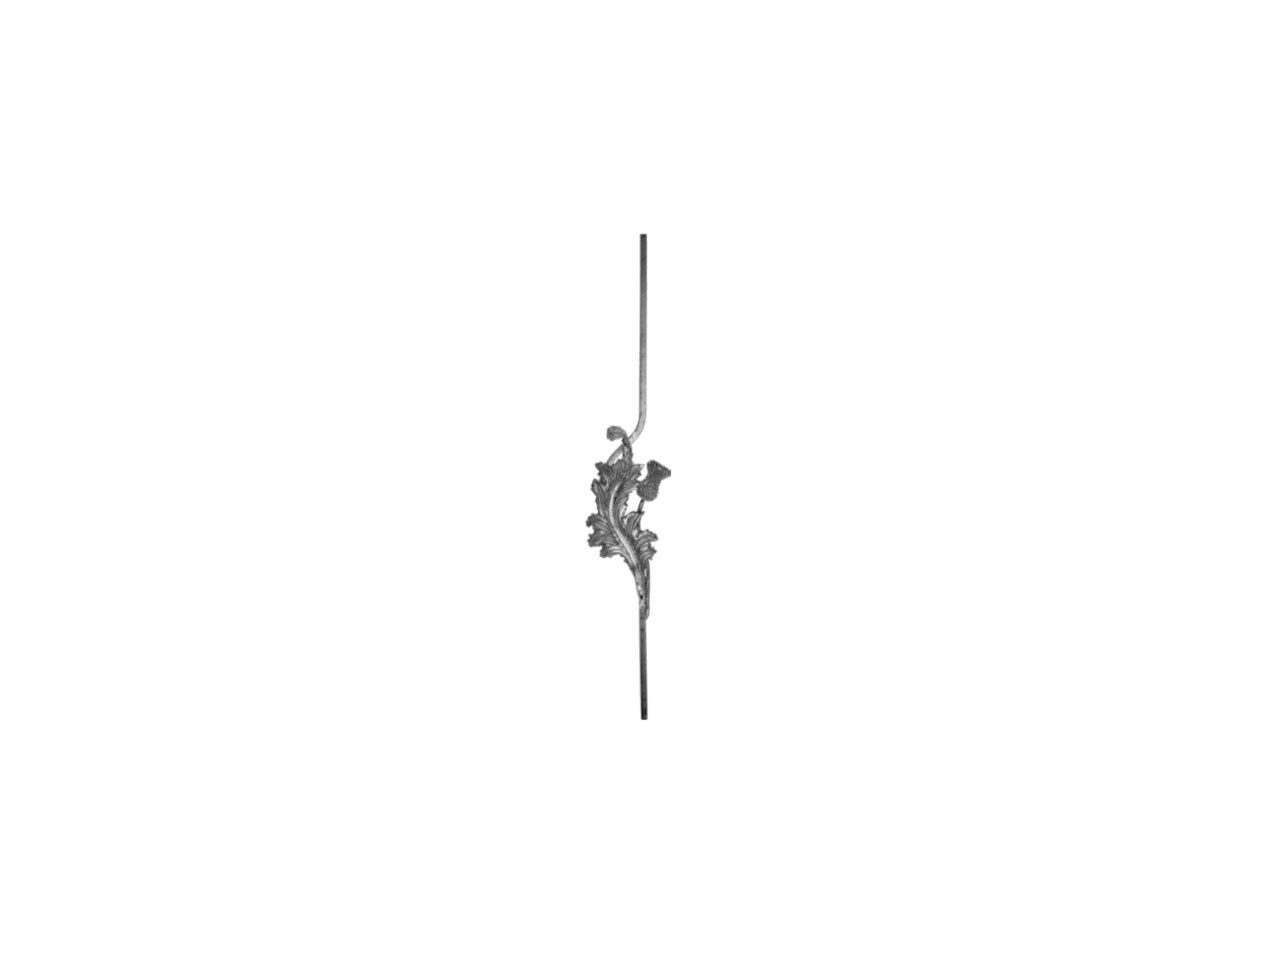 Tralka Prosta Ozdobna 07.311.01 950 x 180